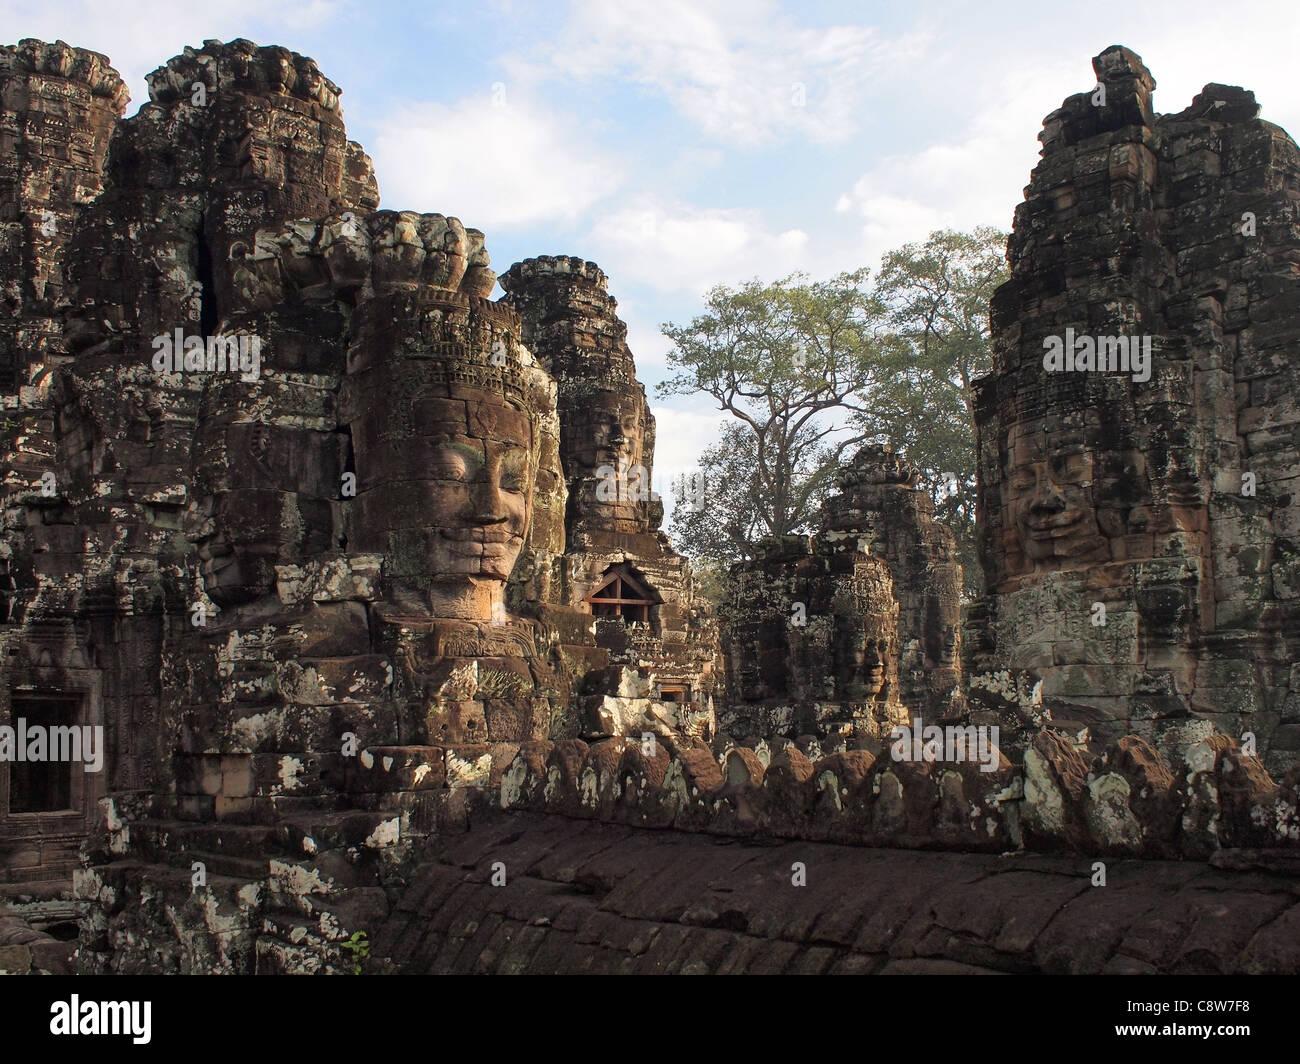 Bayon temple, Angkor Thom, Cambodia - Stock Image